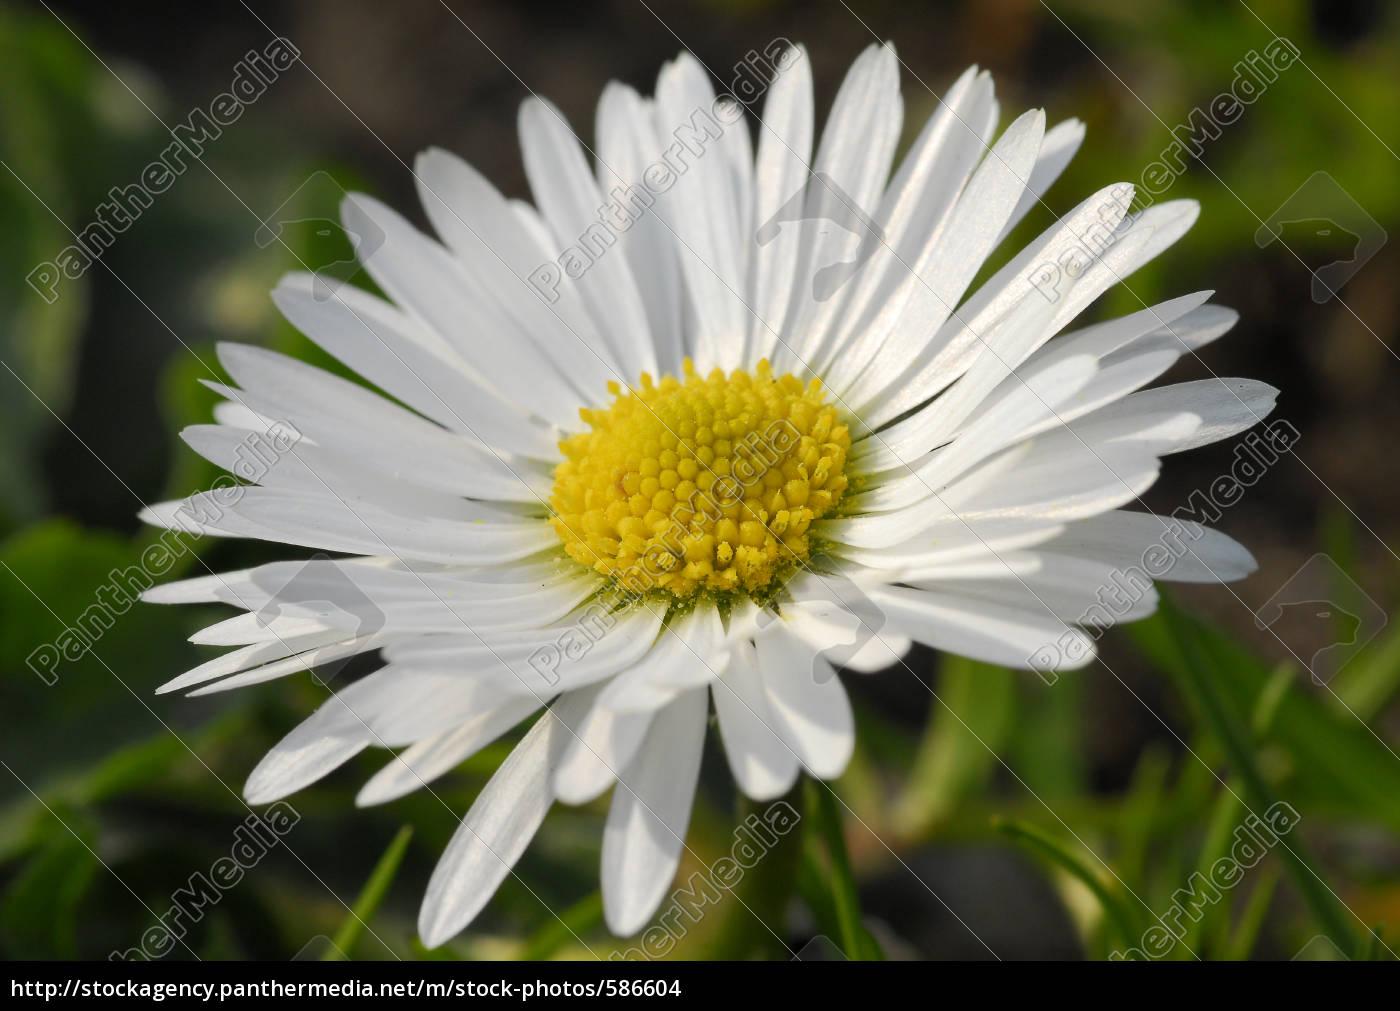 daisy - 586604